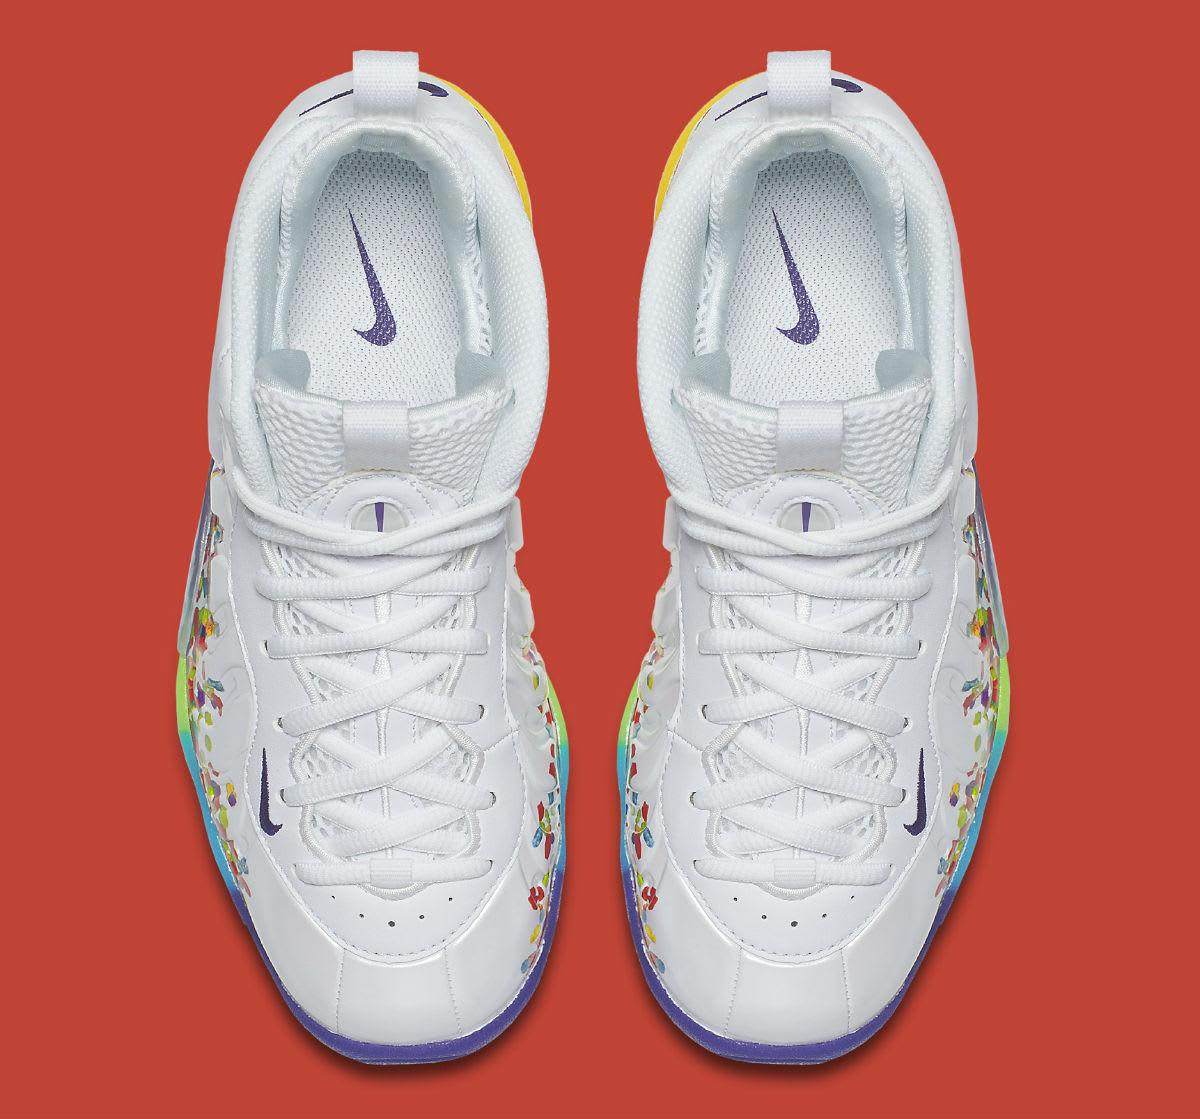 Nike Foamposite Pro Fruity Pebbles Release Date 644792-101 ...